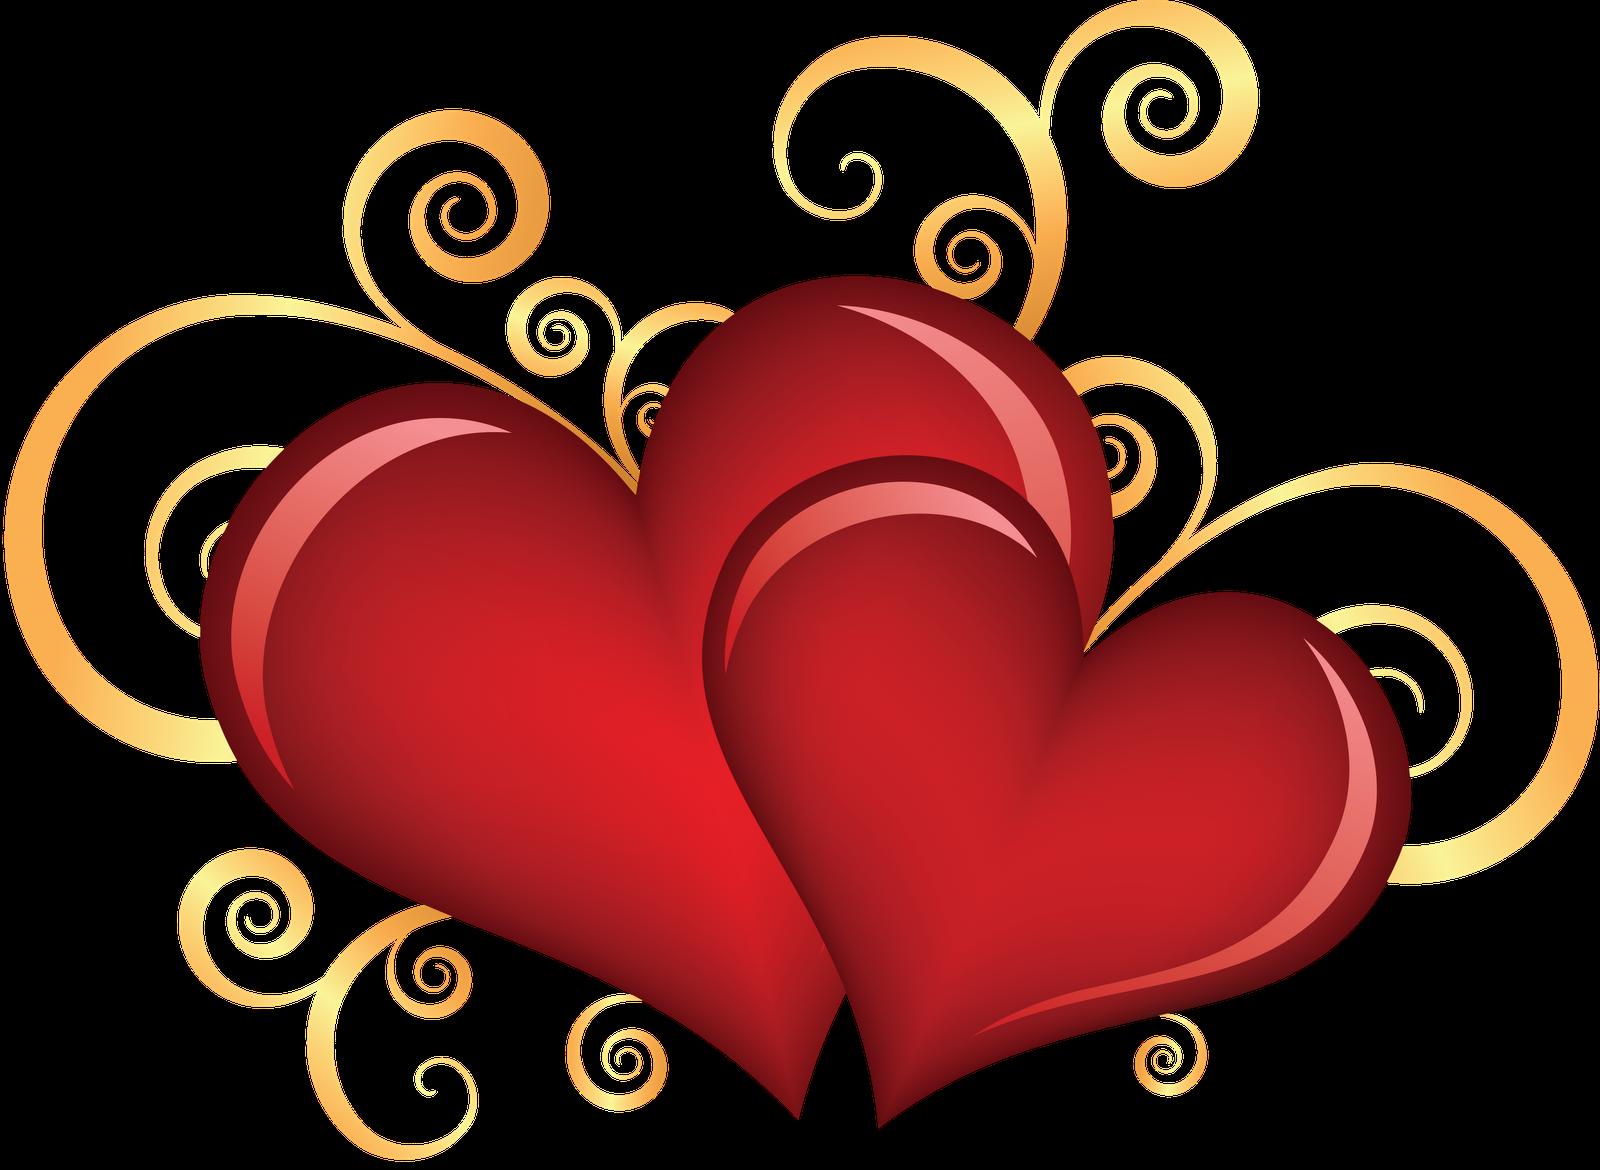 Poemas de amor, la mejor manera de declarar tu amor